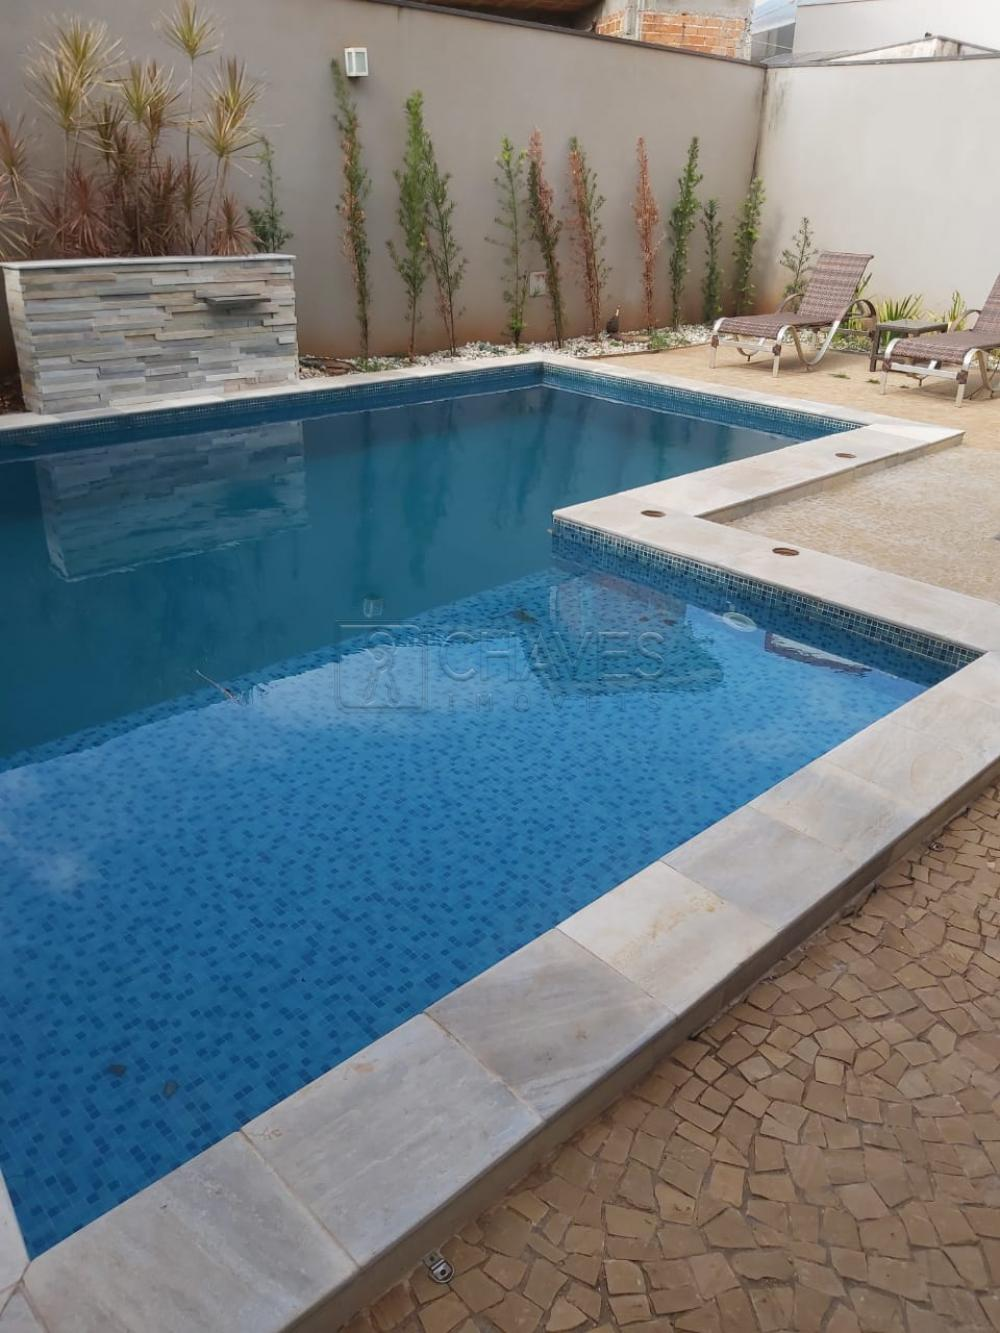 Comprar Casa / Condomínio em Ribeirão Preto apenas R$ 1.700.000,00 - Foto 9